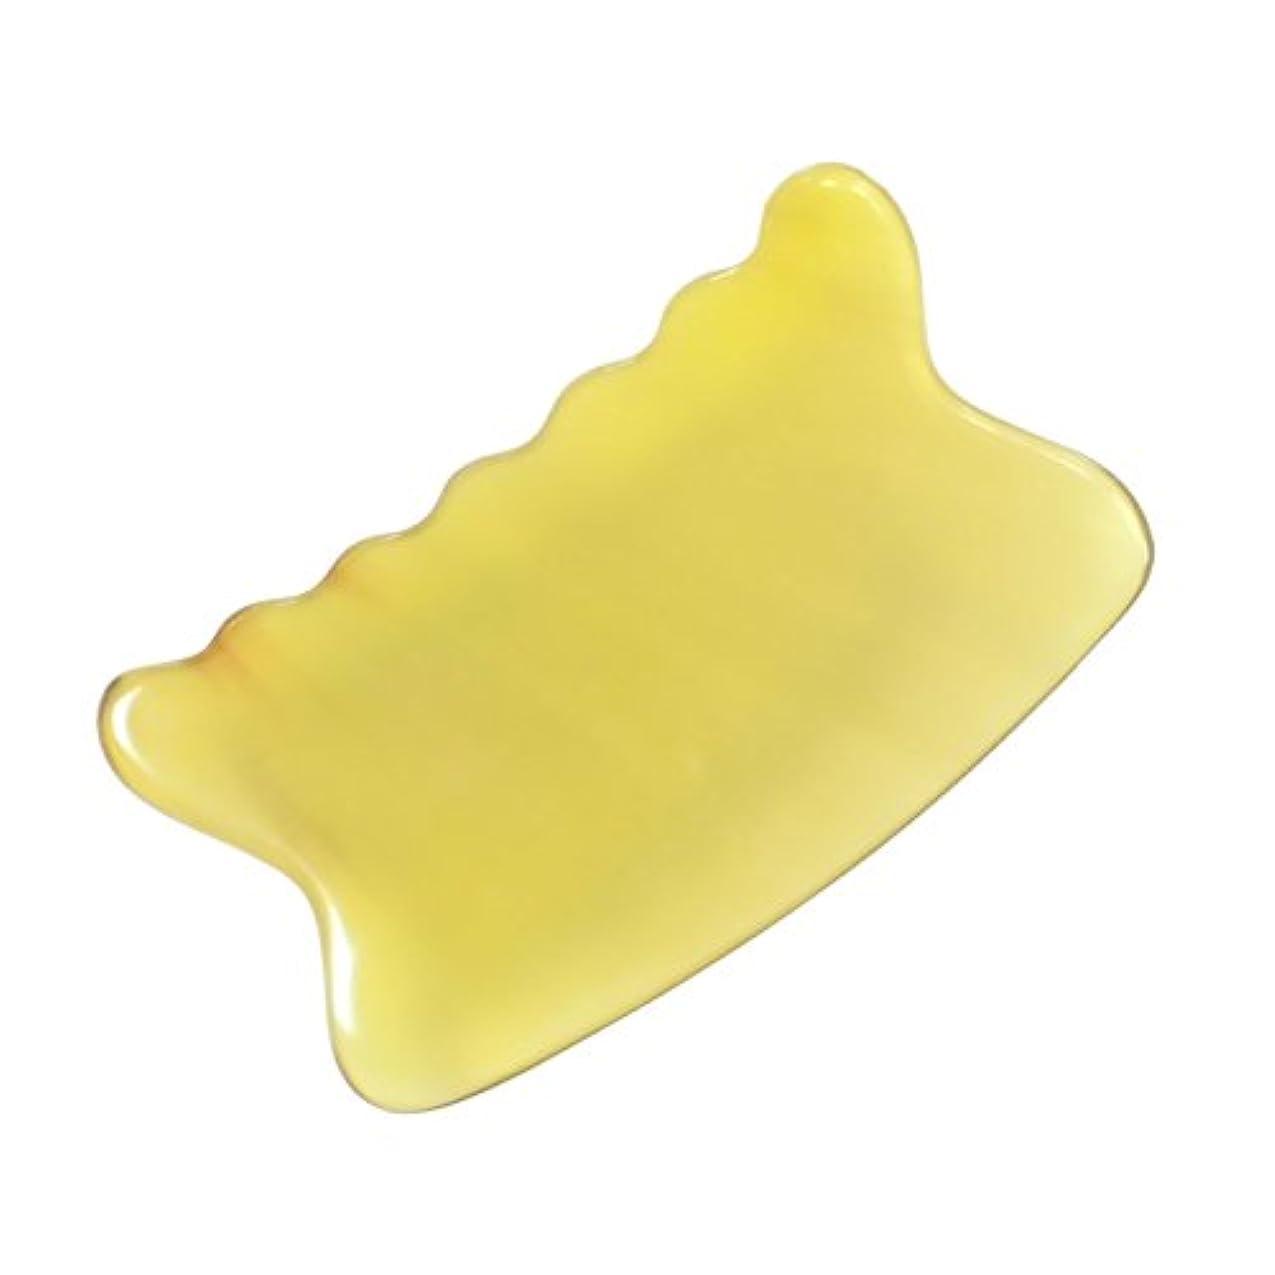 息を切らして名誉遡るかっさ プレート 希少63 黄水牛角 極美品 曲波型